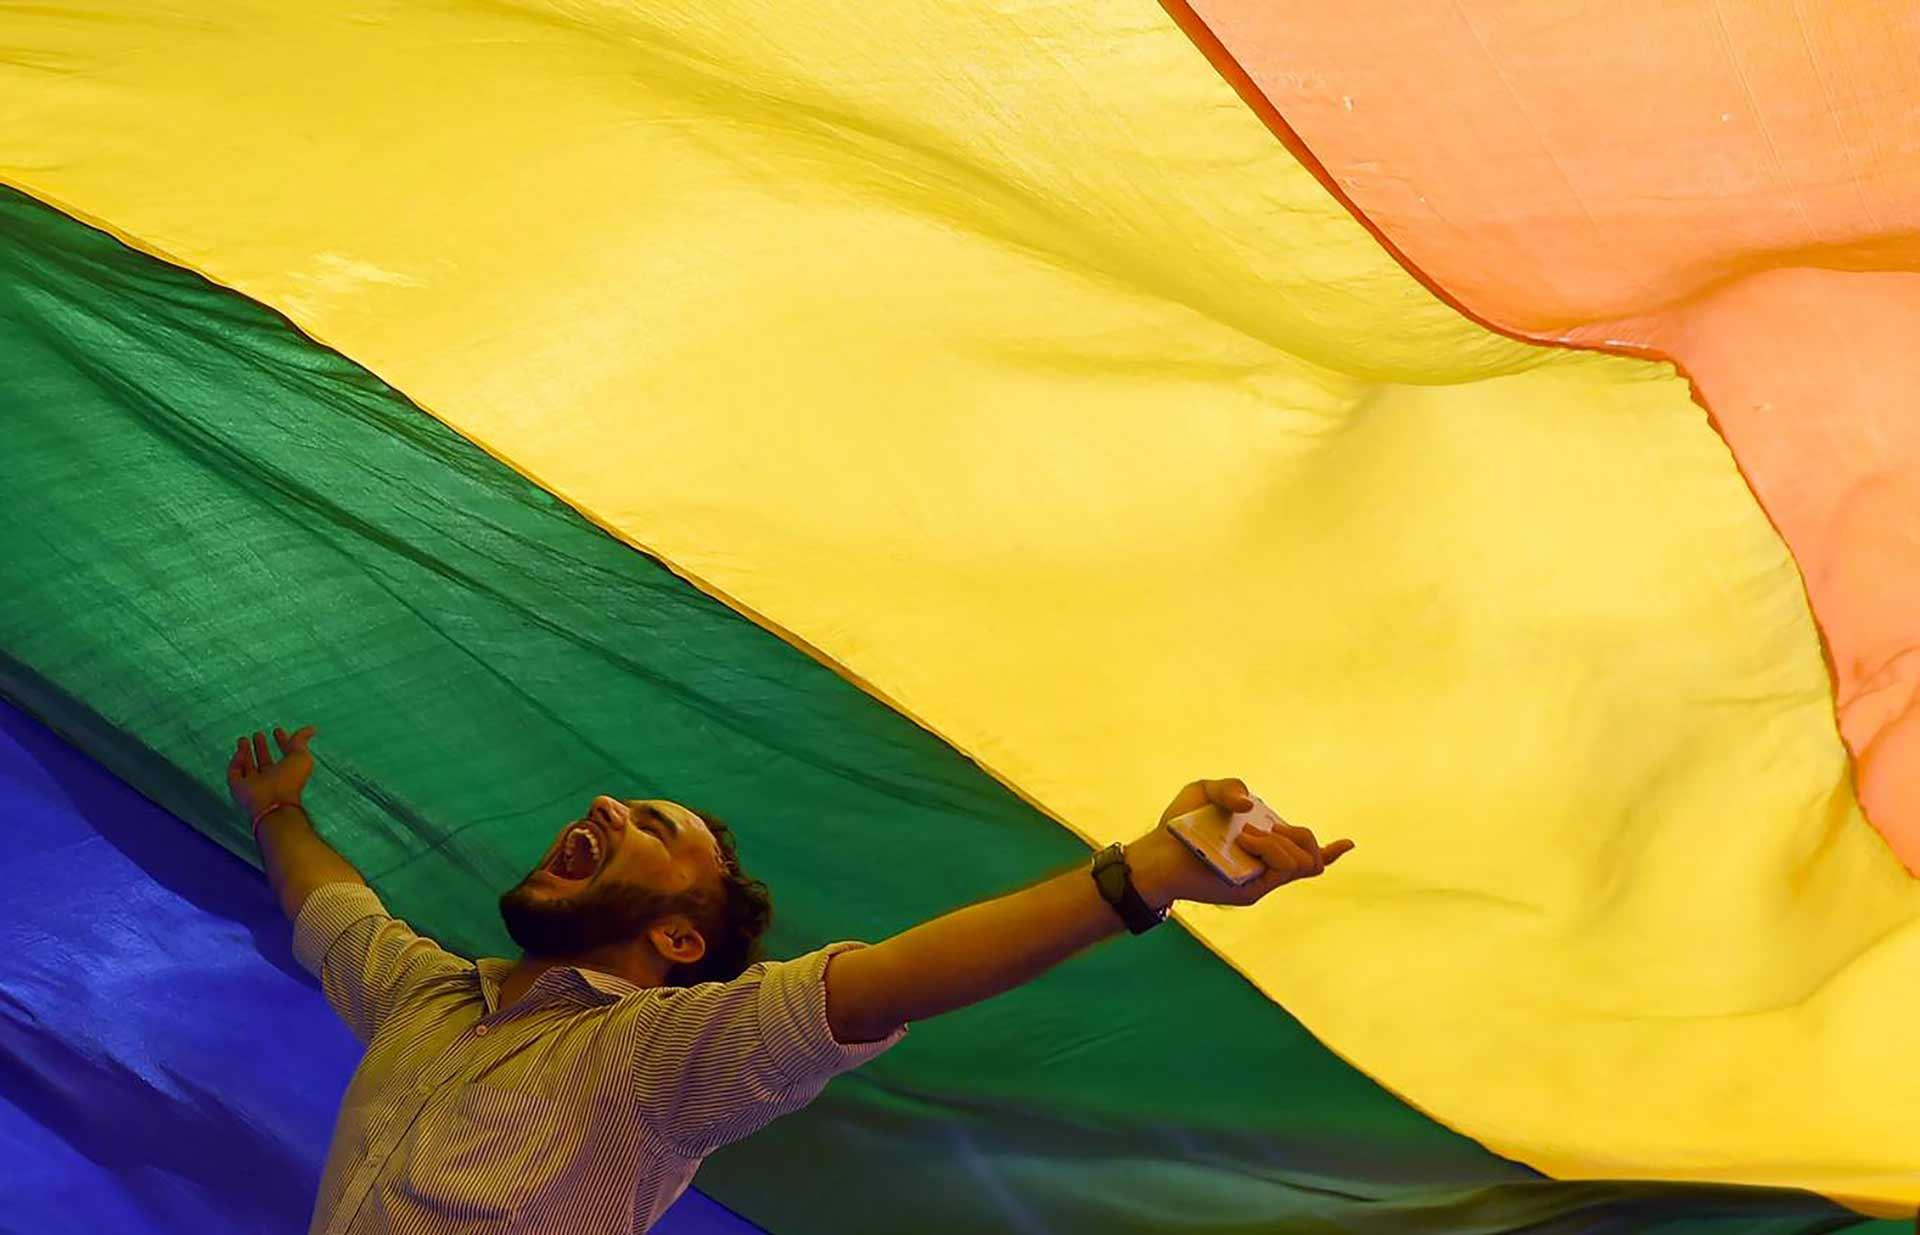 ragazzo festeggia sotto bandiera tricolore in india dove l'omosessualità non è più un reato